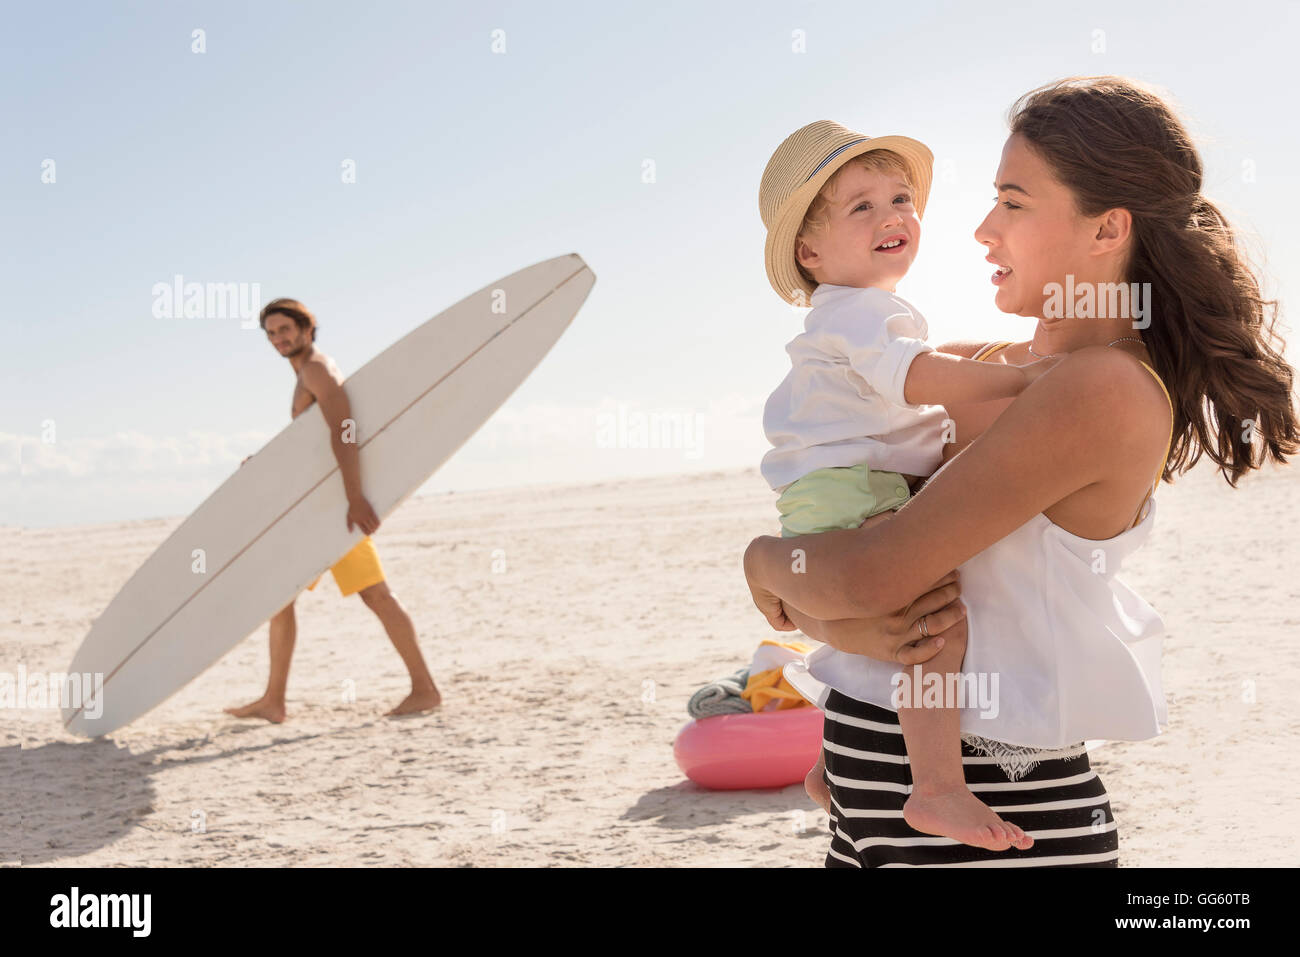 Feliz joven familia disfrutando en la playa Imagen De Stock